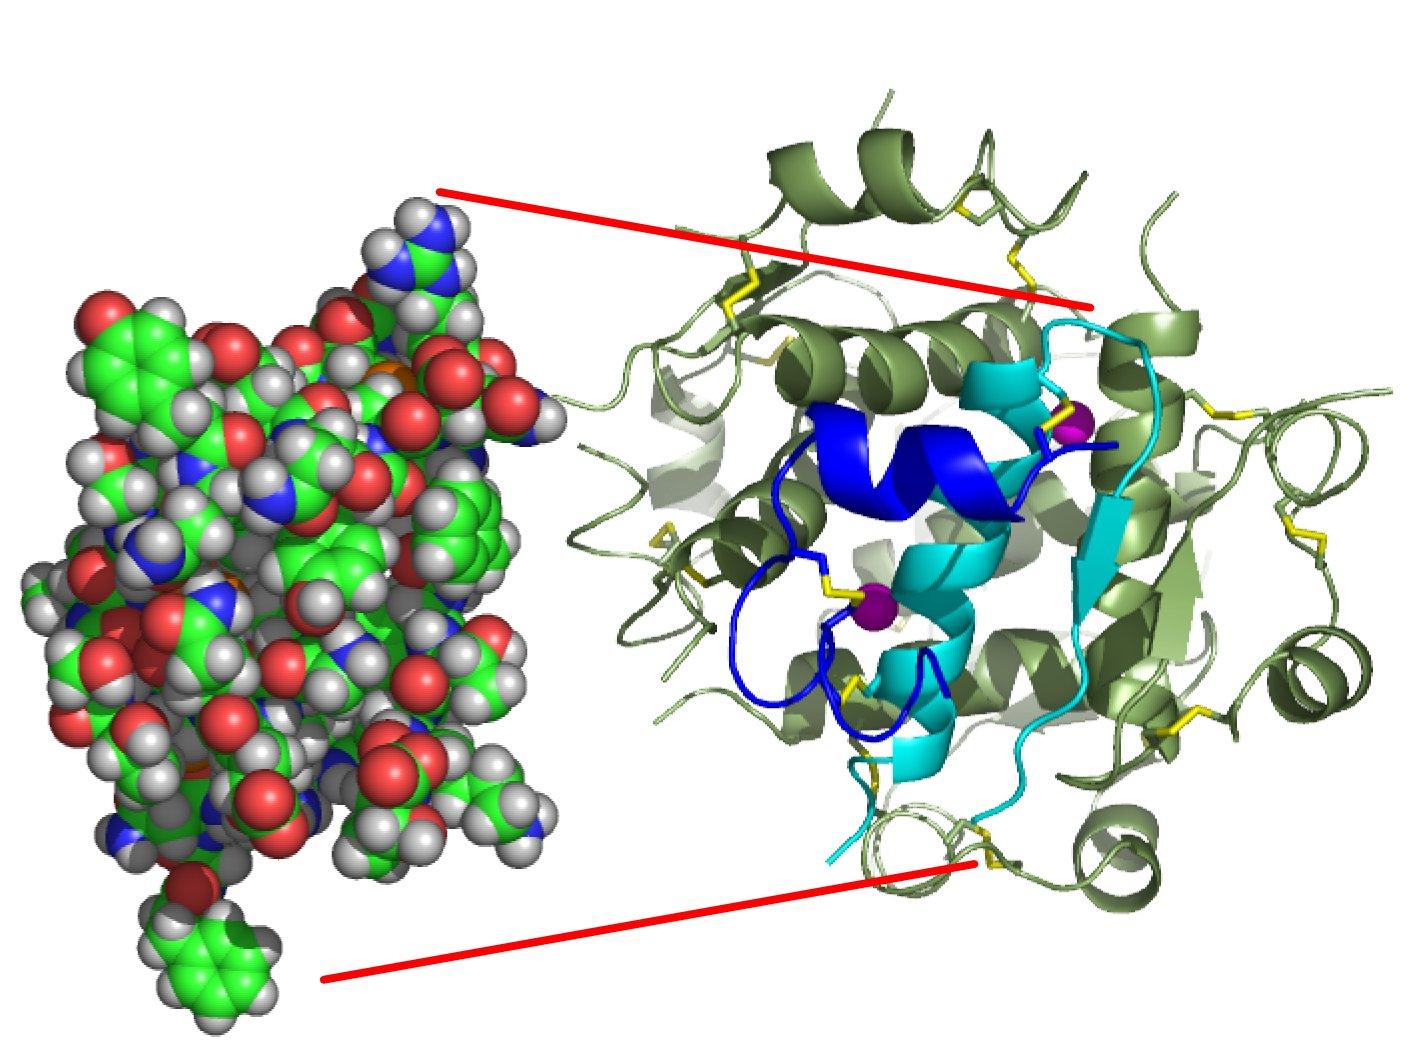 thema anzeigen insulin welche globul res protein oder strukturprotein. Black Bedroom Furniture Sets. Home Design Ideas